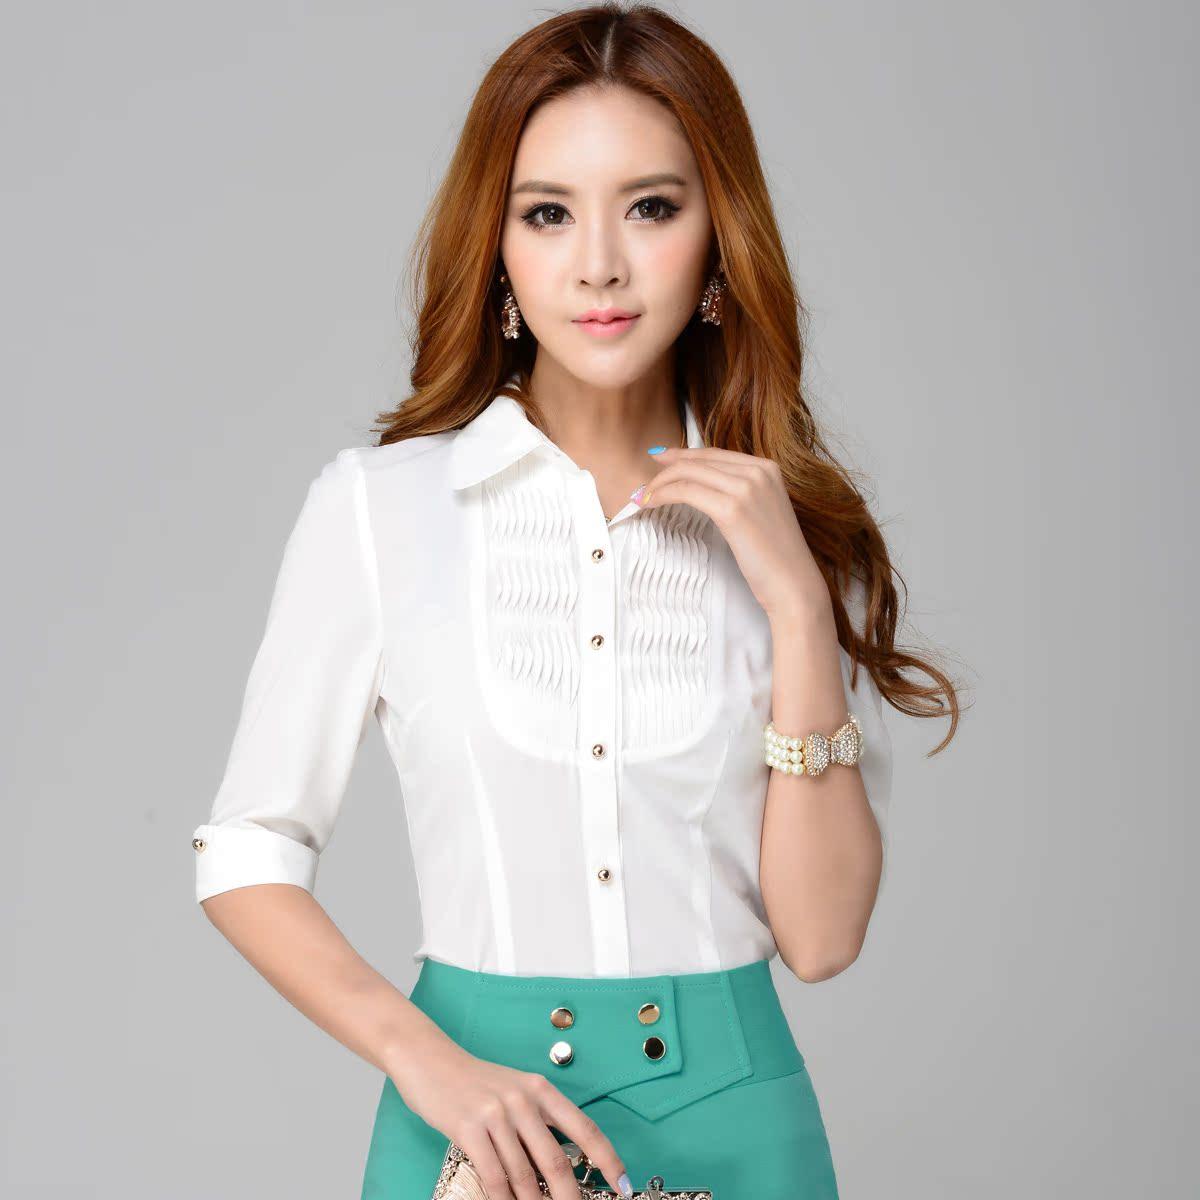 女式中袖衬衫_女式中袖衬衫